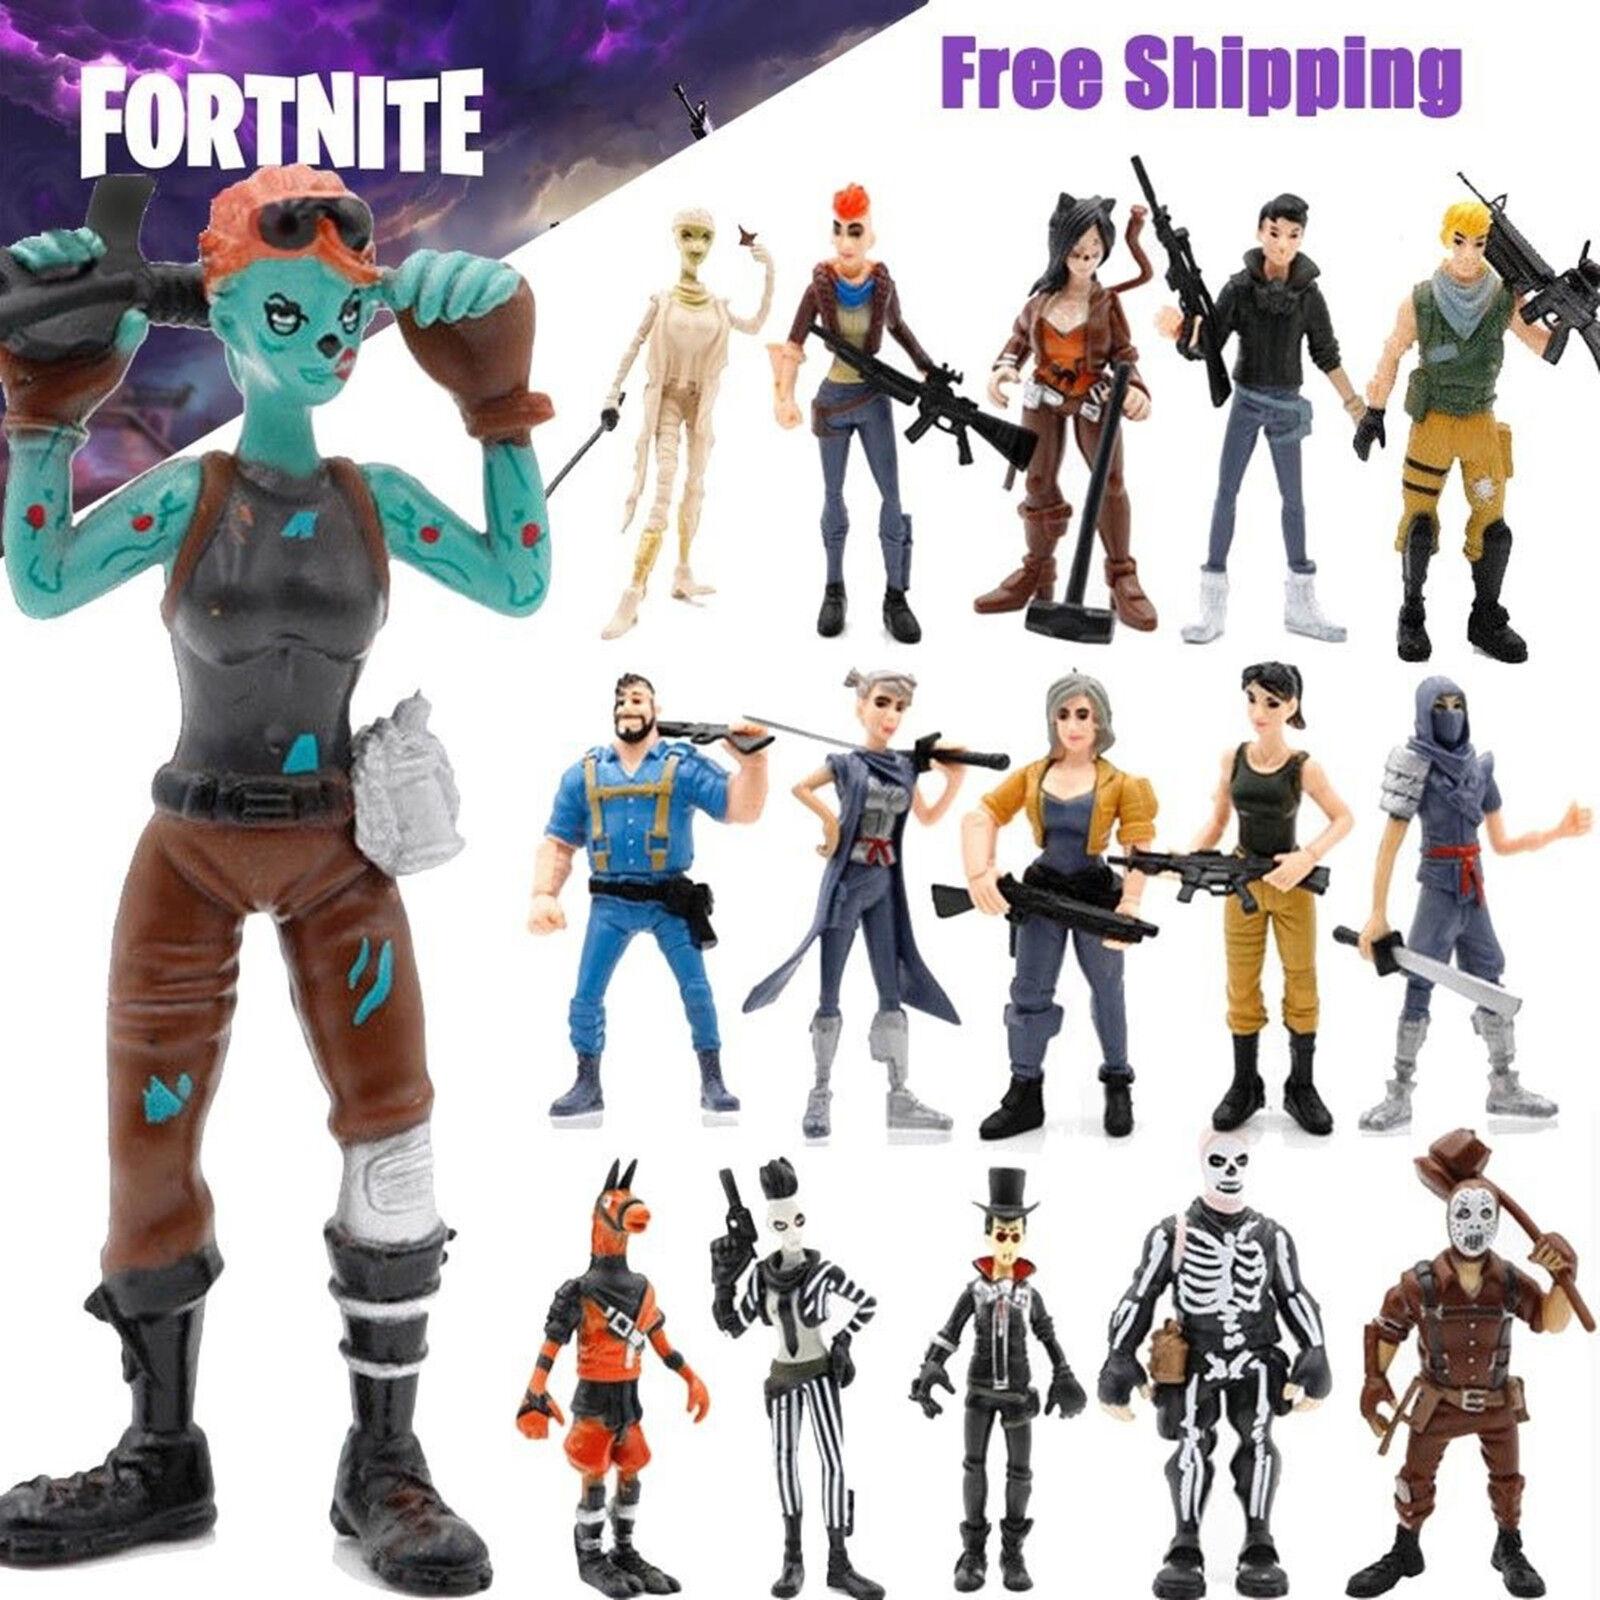 Xmas Gift 16 Pcs Fortnite Action Figures Skull Trooper Ninja